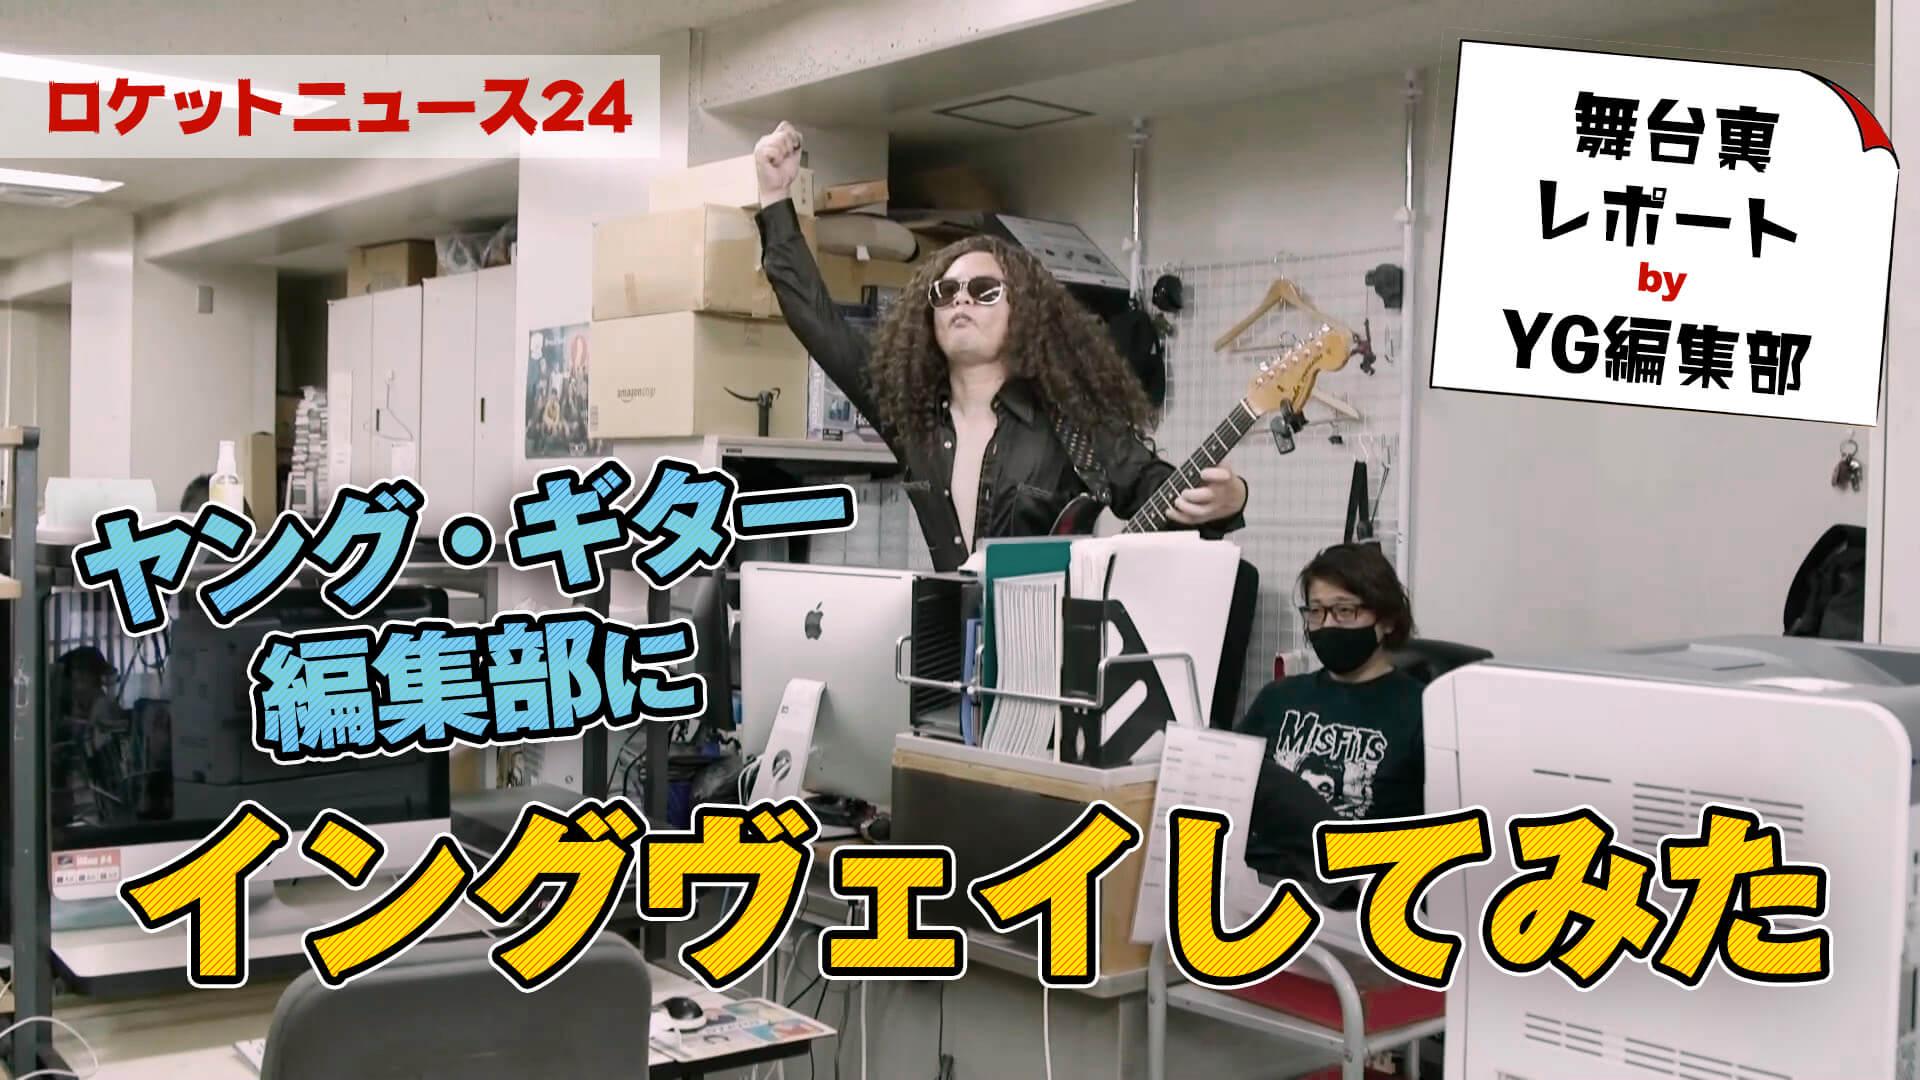 ロケットニュース24「ヤング・ギター編集部にイングヴェイしてみた」舞台裏レポート by YG編集部